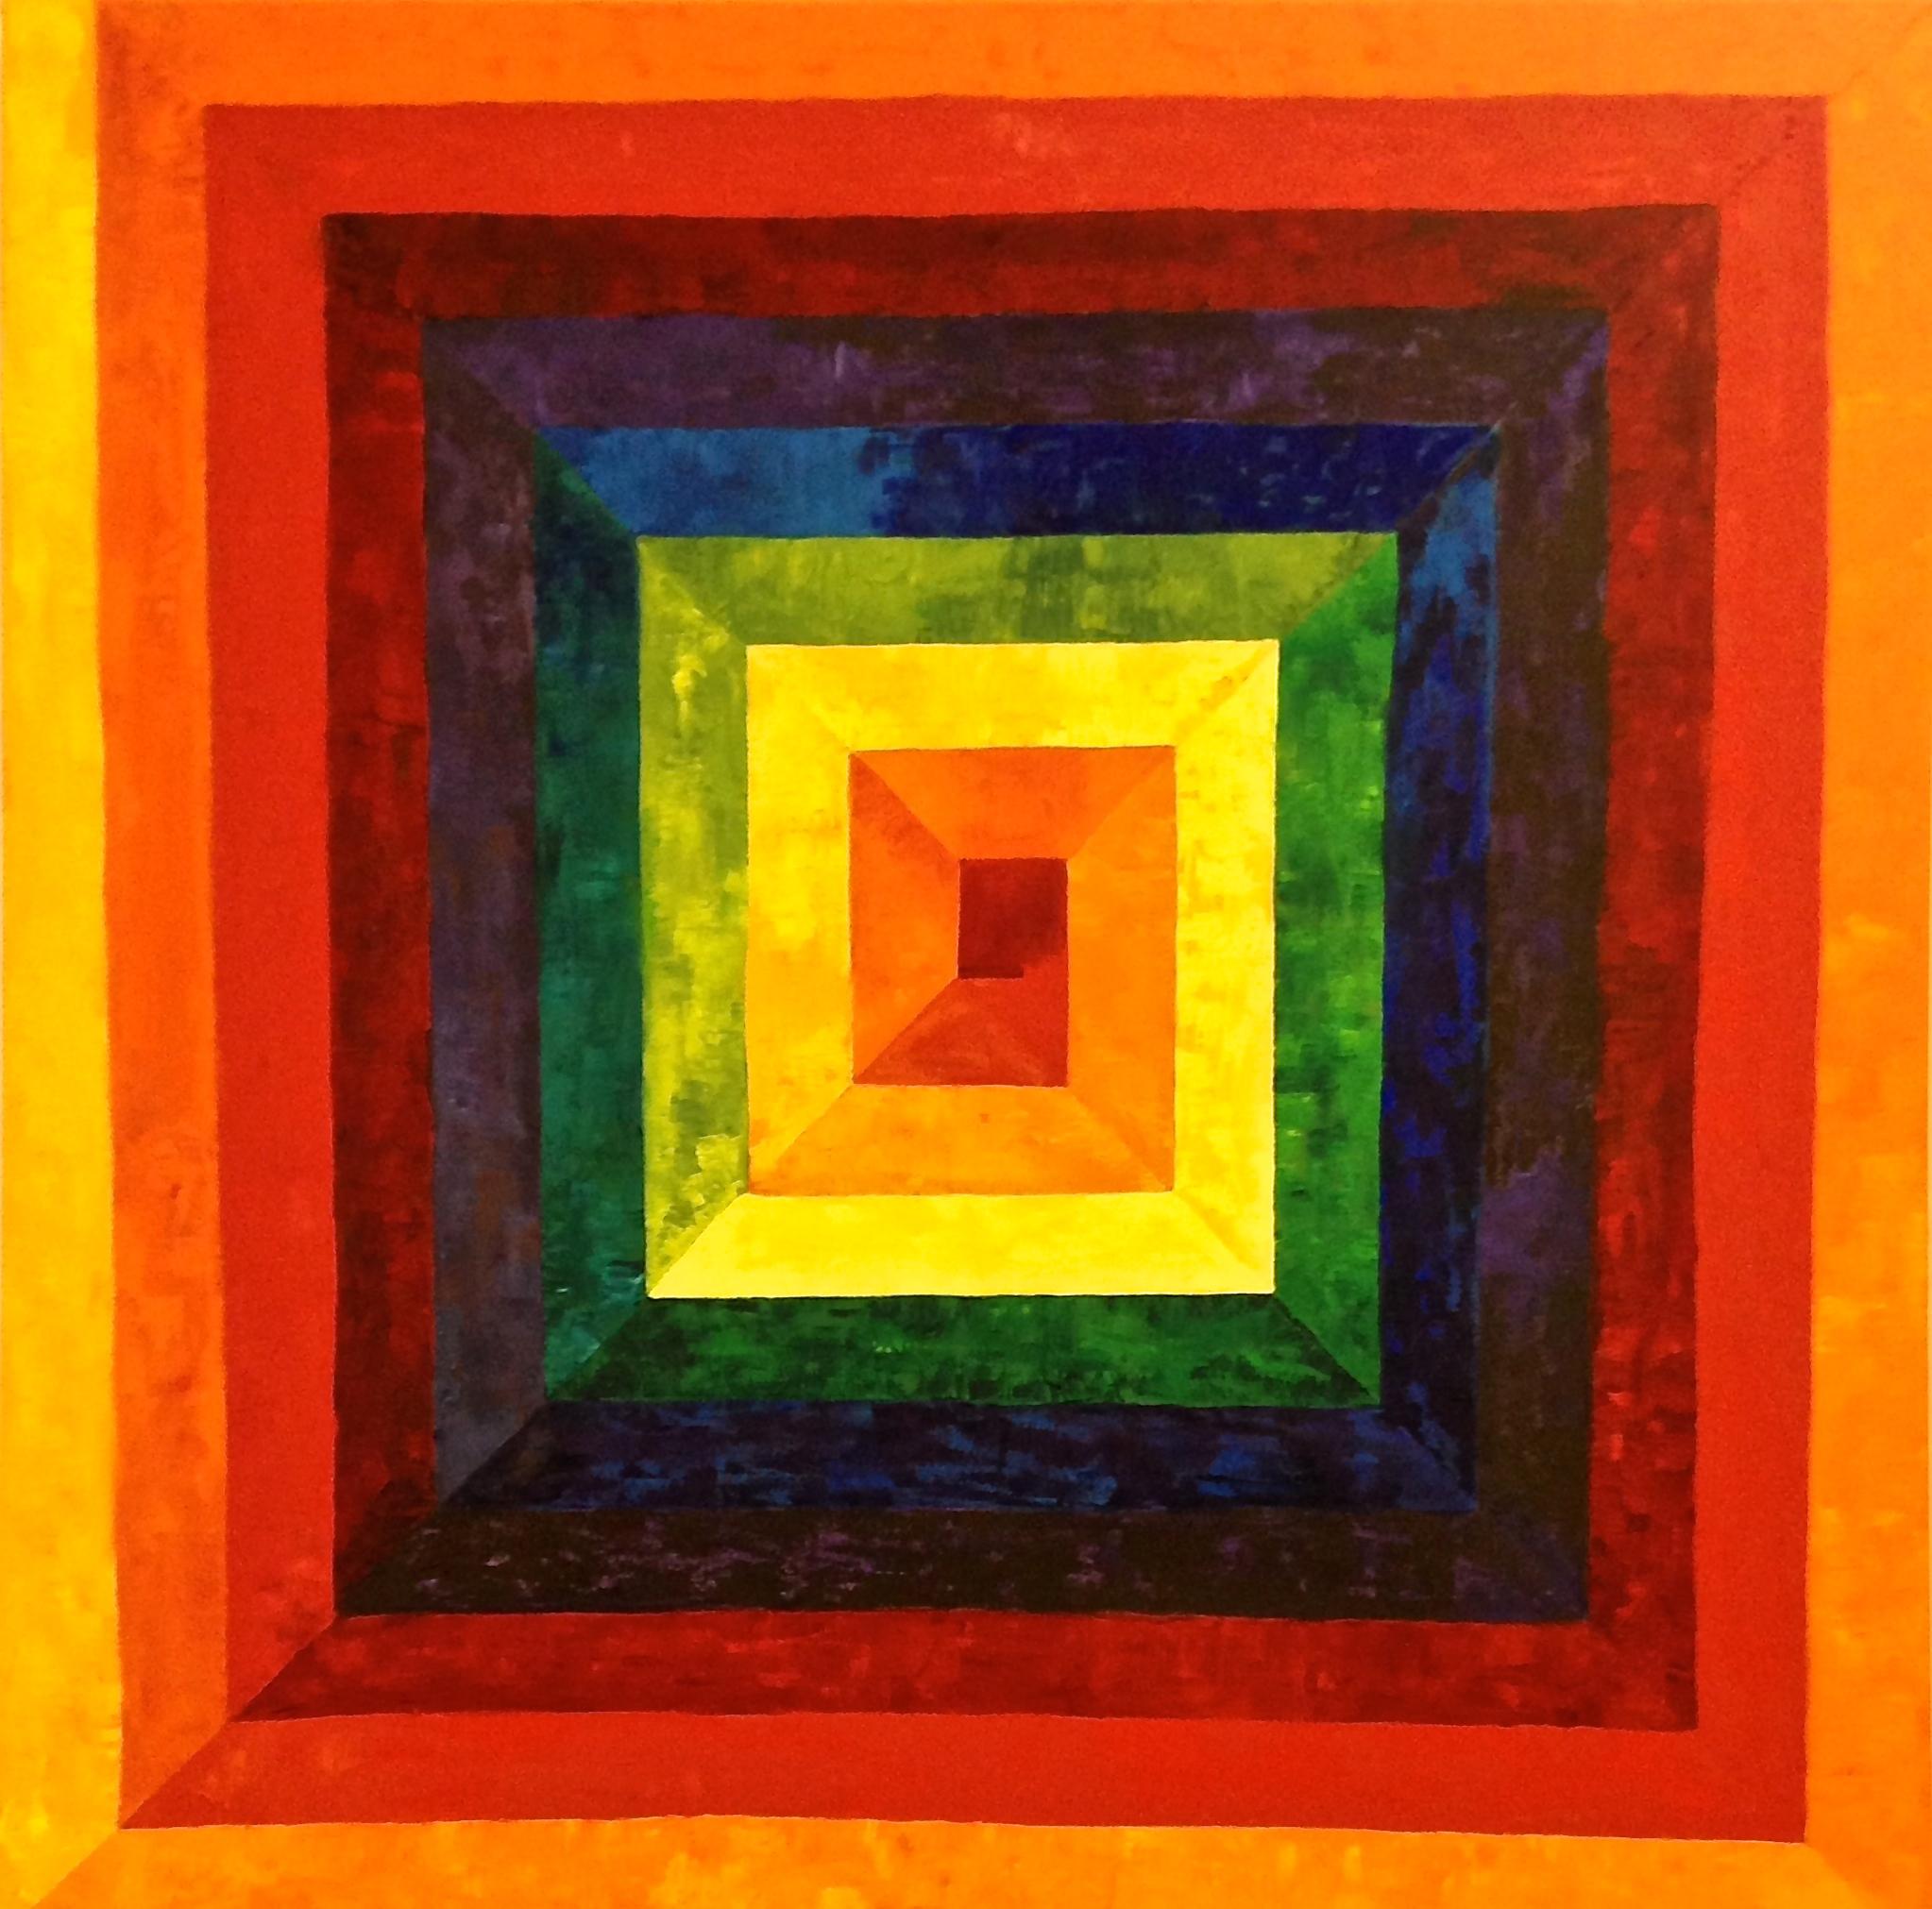 Rainbow Spiral I, 2016. Oil on canvas, 90 x 90 cm